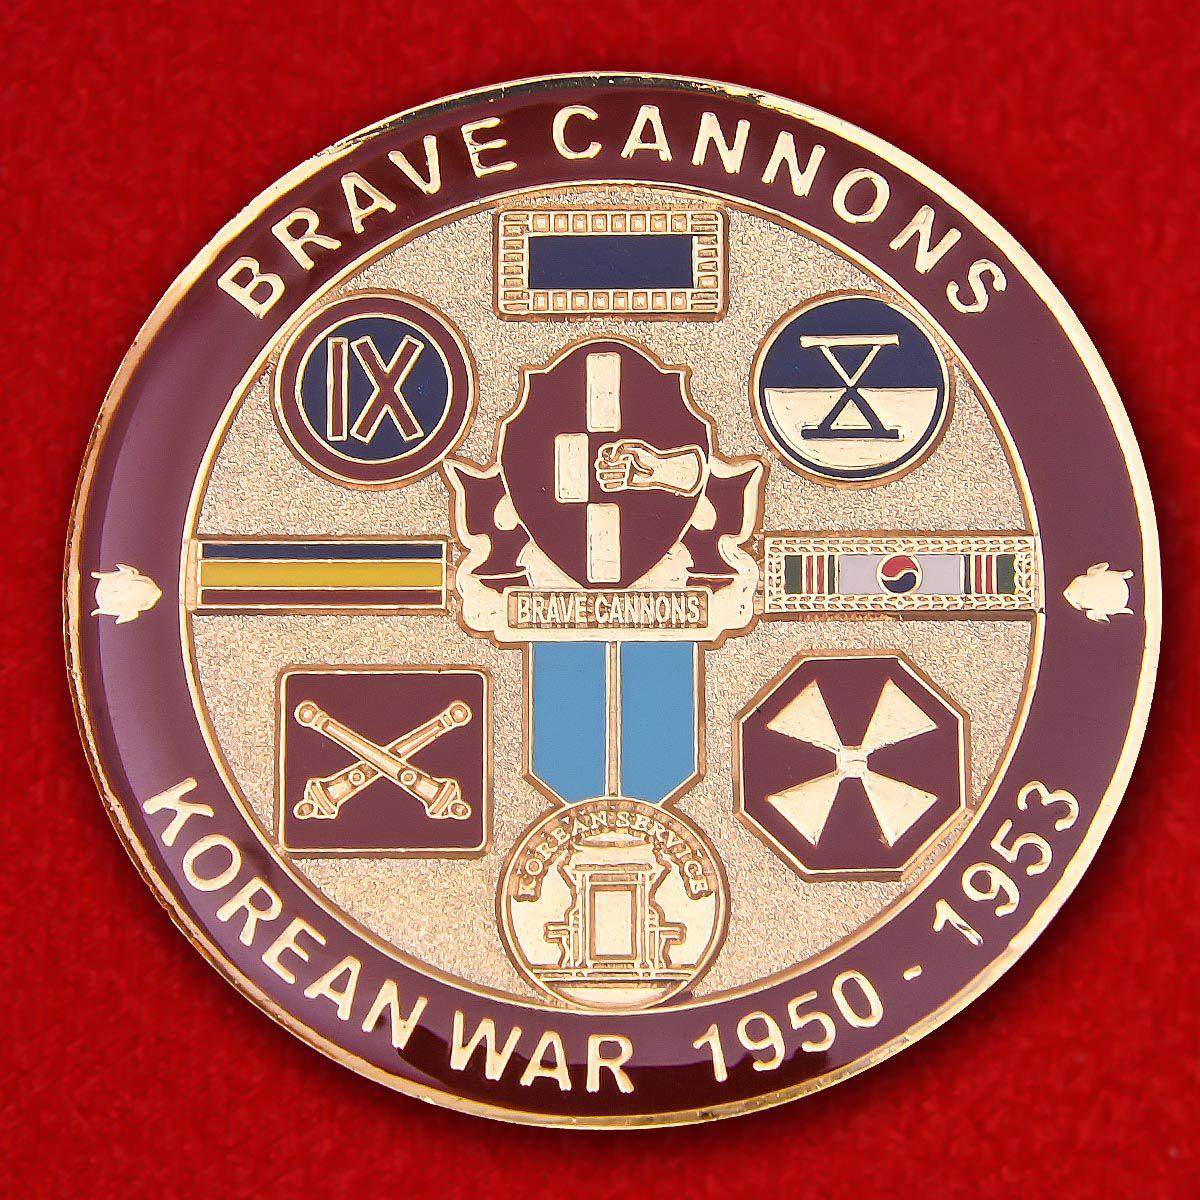 92nd Field Artillery Regiment Challenge Coin